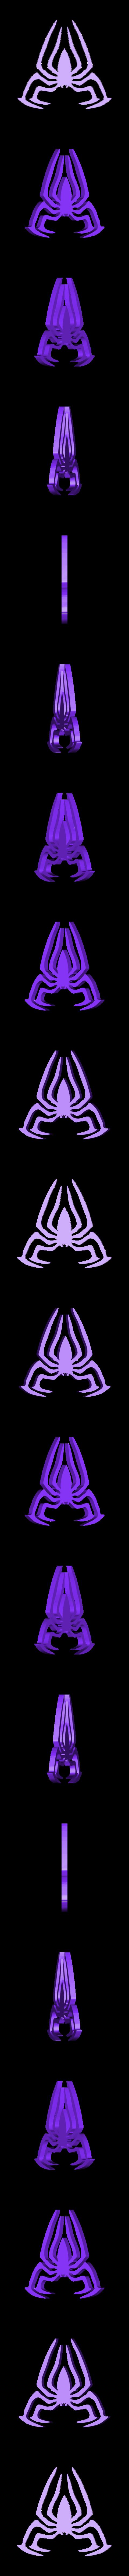 Spiderman_Logo.STL Télécharger fichier STL gratuit Marqueur de balle de golf SPIDERMAN • Objet à imprimer en 3D, Balkhagal4D